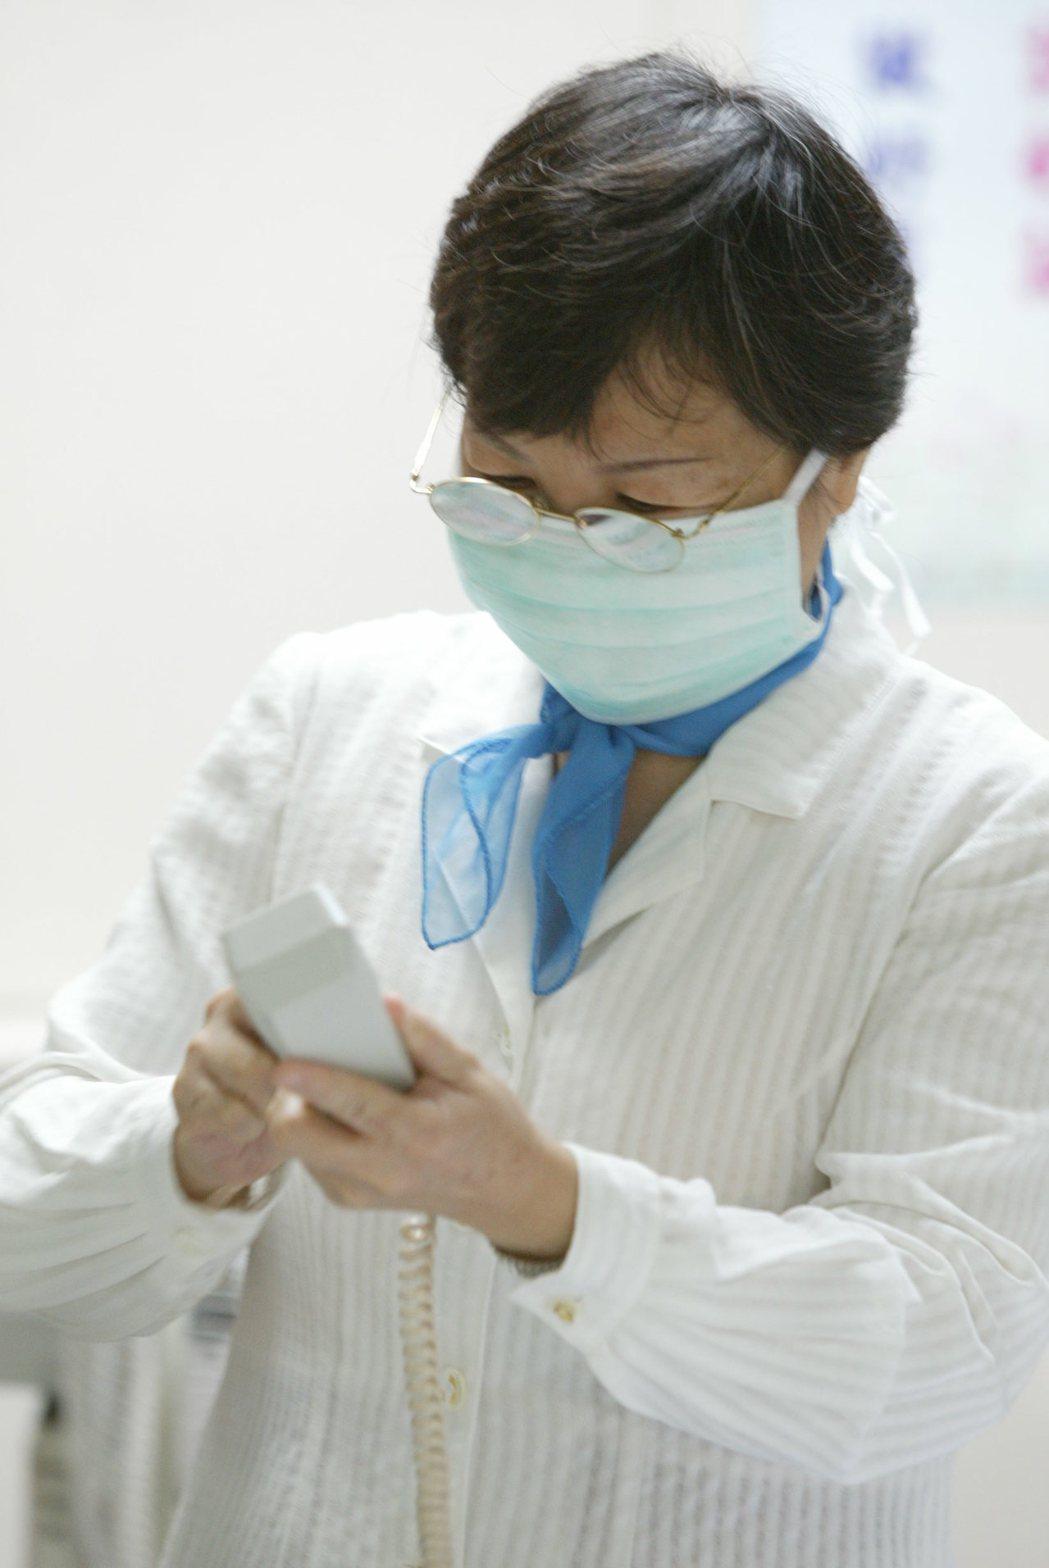 醫院的工作人員都戴上了口罩並消毒院內的電話筒 報系資料照 記者邱德祥/攝影